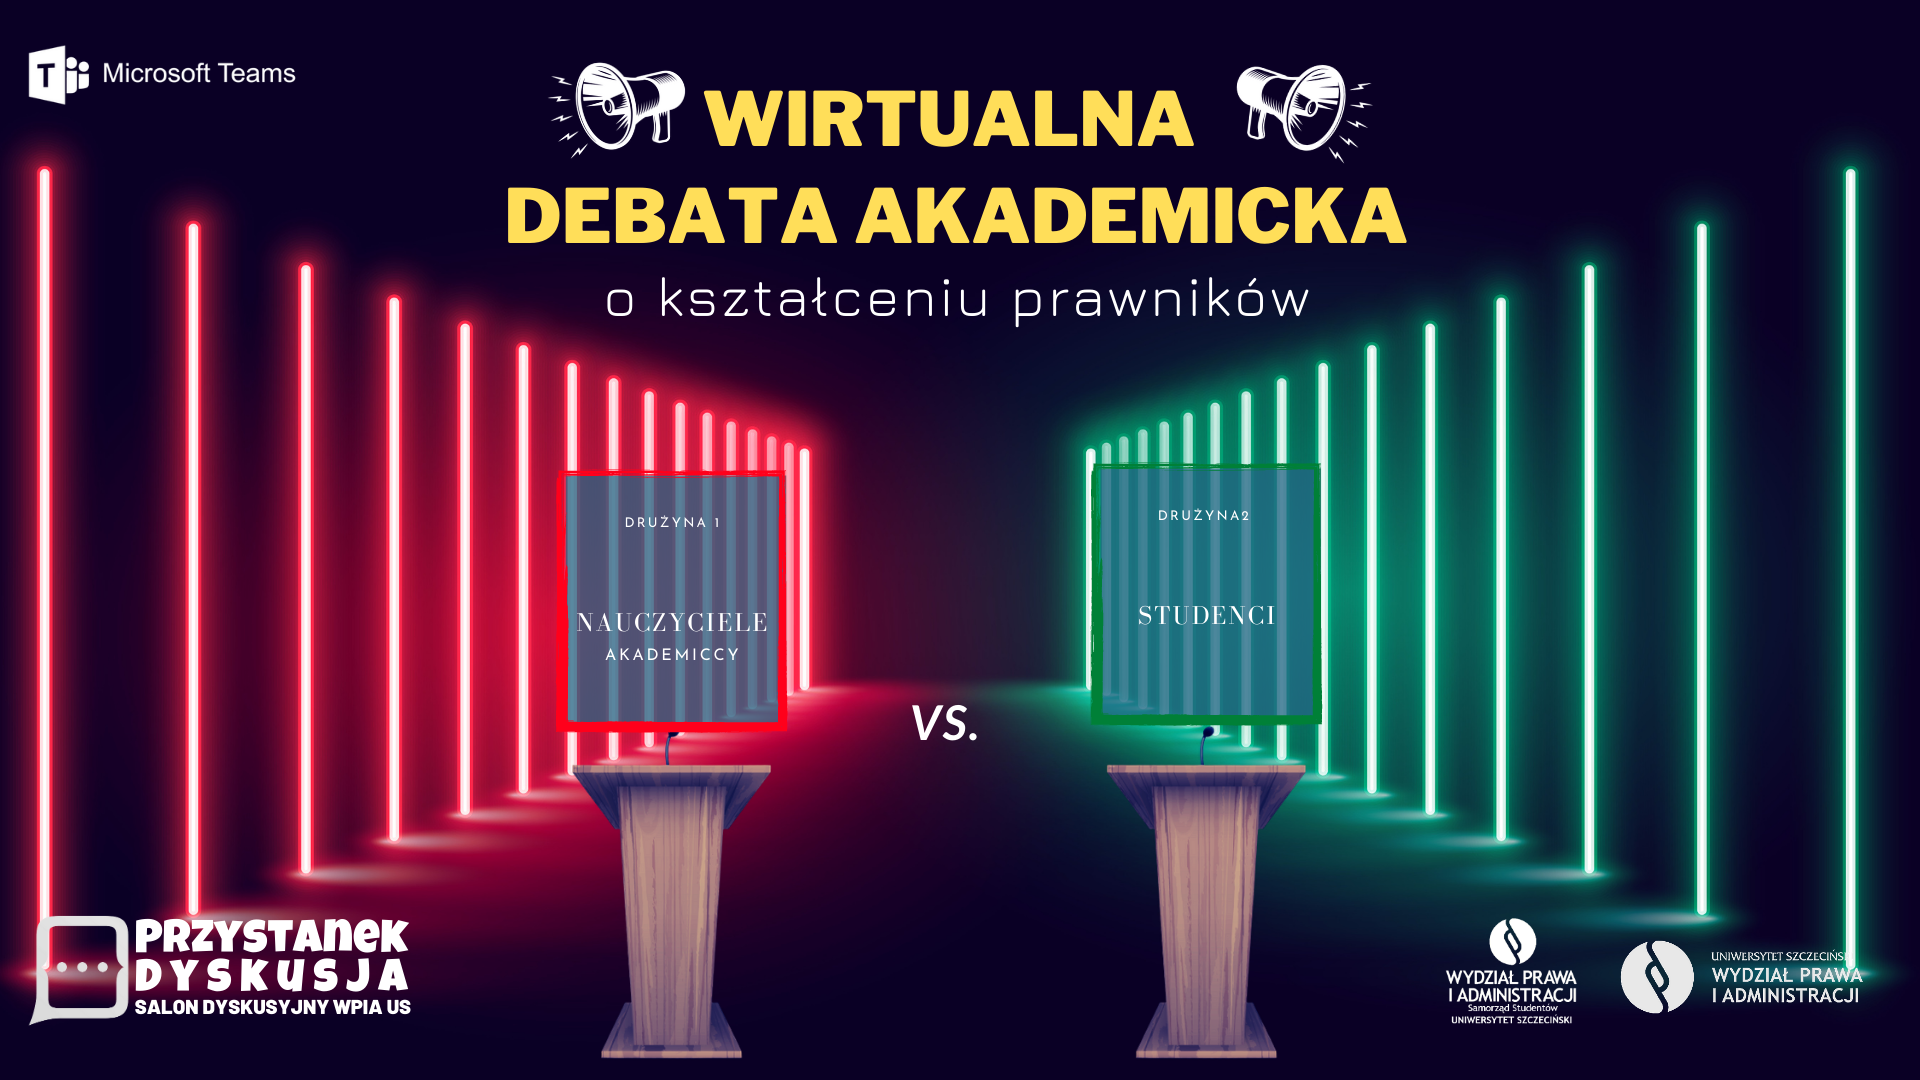 Wirtualna Debata Akademicka o kształceniu prawników (14 I 2021)